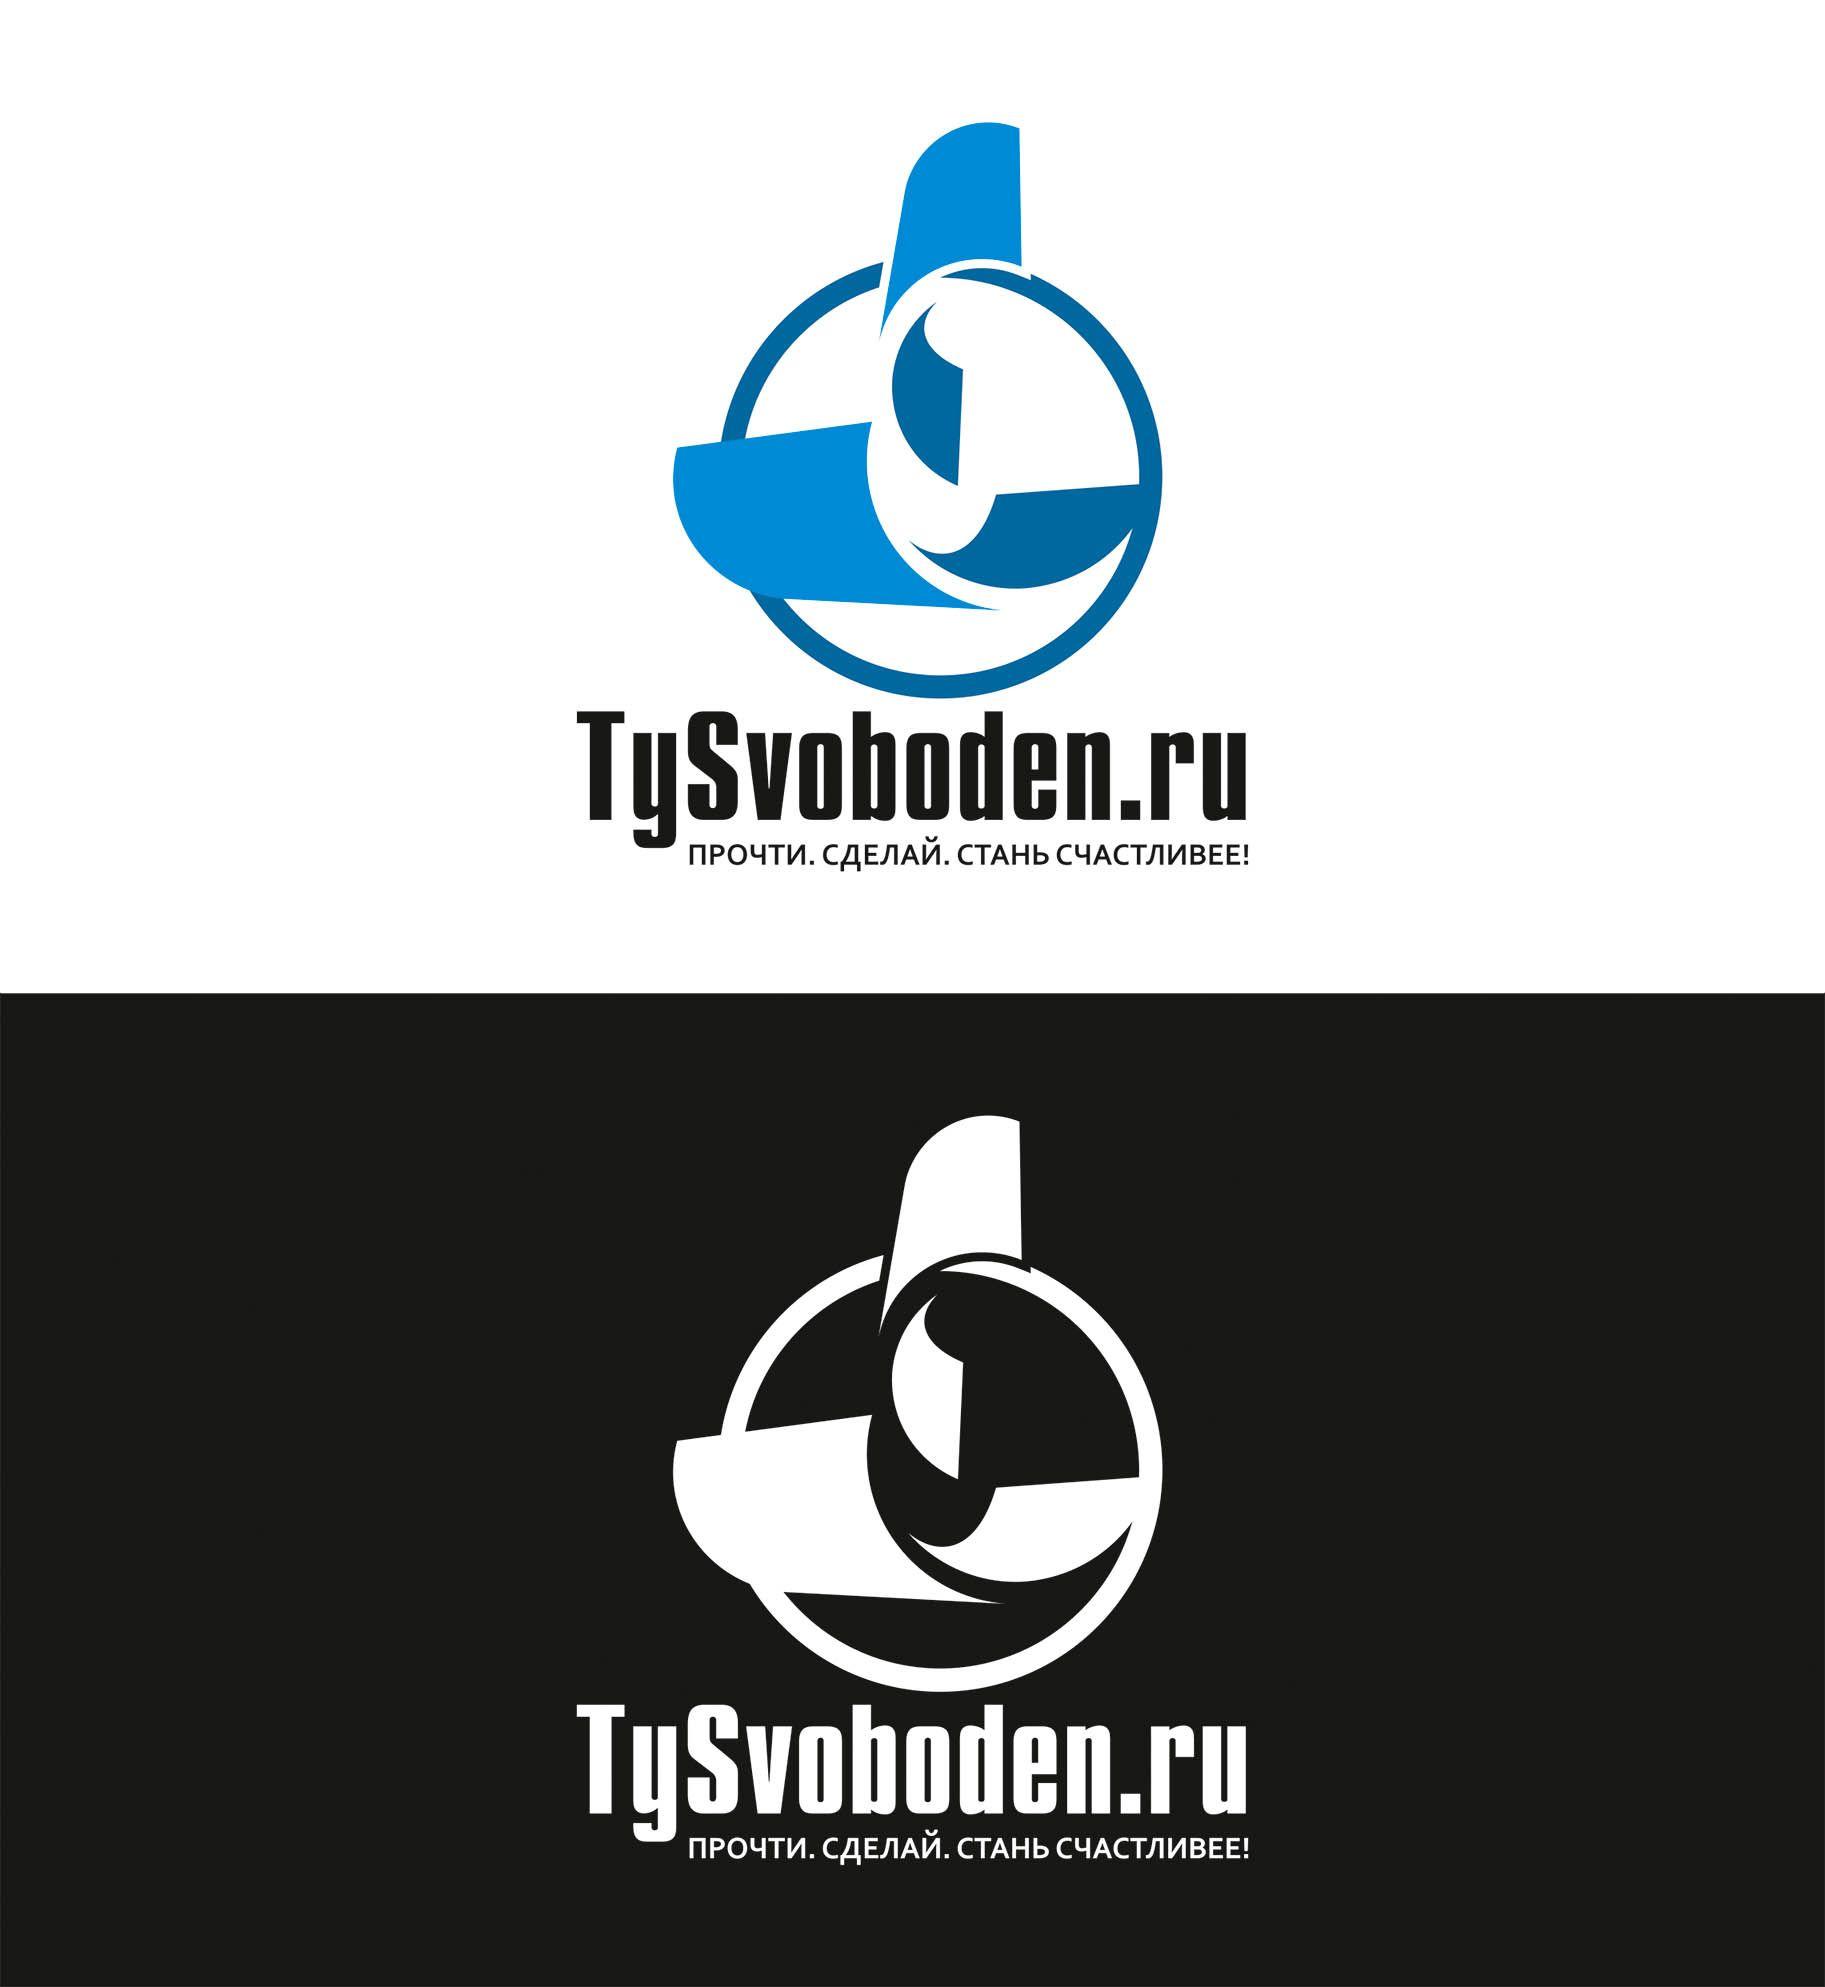 Разработка логотипа для социального проекта - дизайнер LiXoOnshade